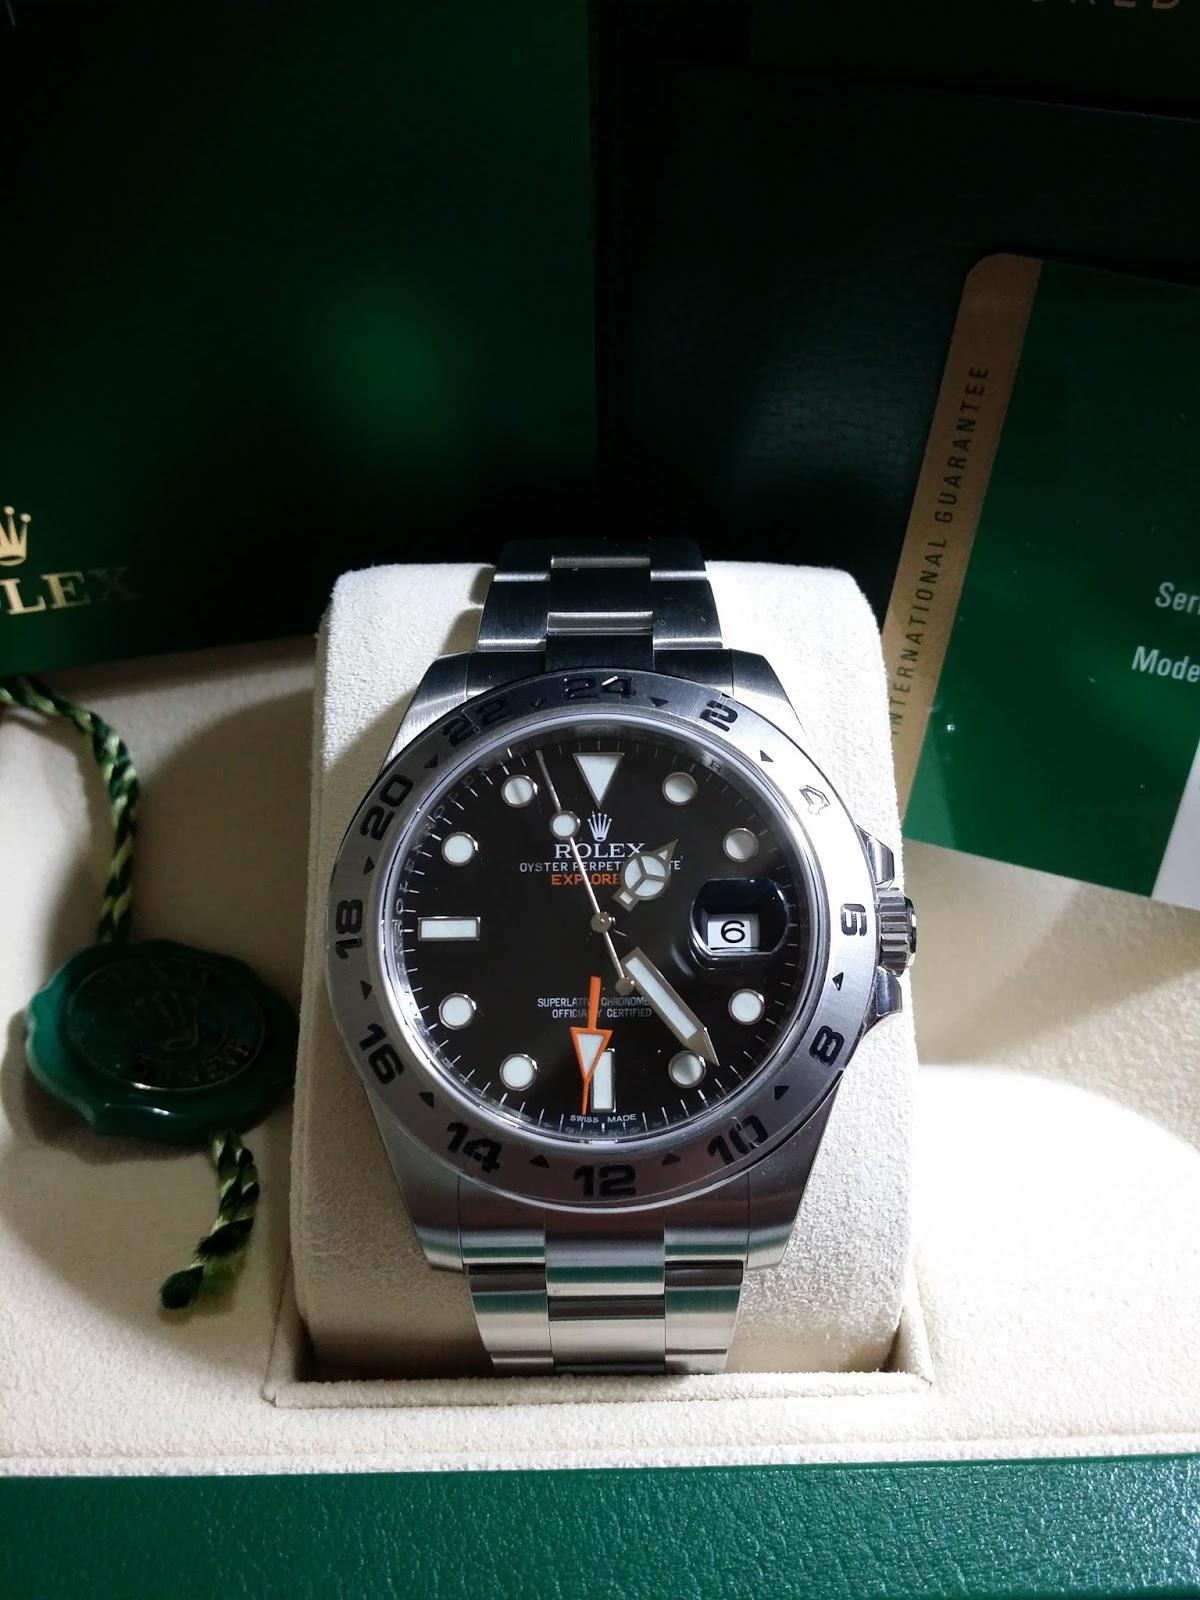 2d3f8ab139d Hong Kong Watch Fever 香港勞友  Rolex Explorer II Ref 216570 BNIB